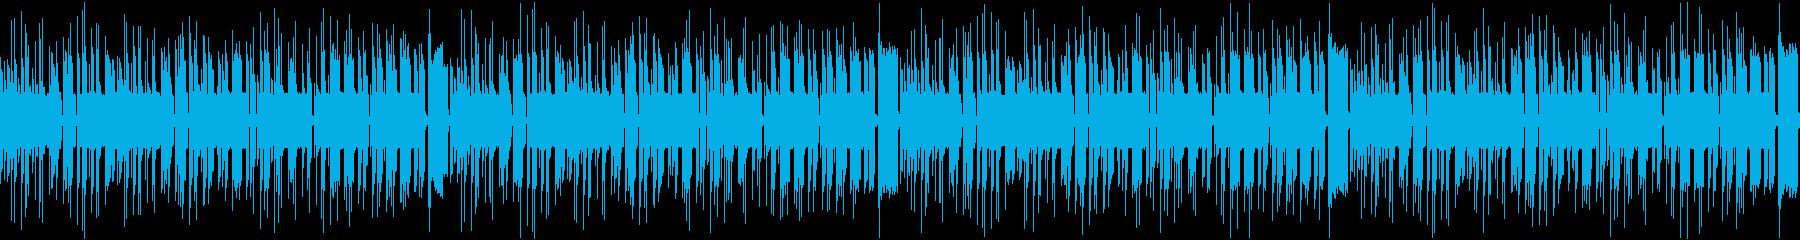 洞窟・草原RPG用チップチューンループの再生済みの波形